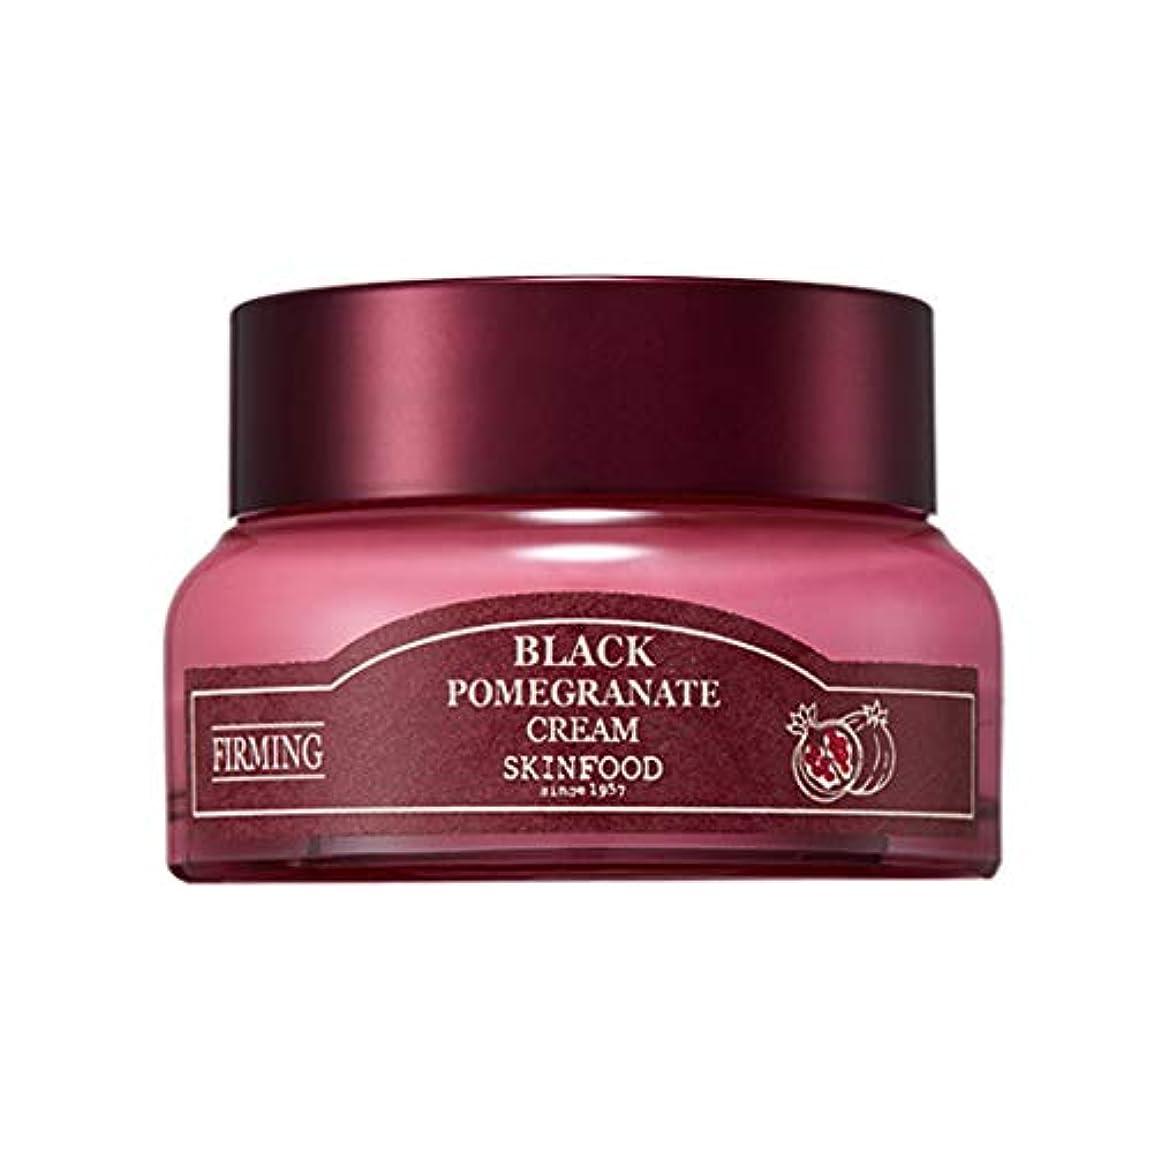 に応じて五十Skinfood 黒ザクロクリーム(しわ防止効果) / Black Pomegranate Cream (Anti-Wrinkle Effect) 54ml [並行輸入品]